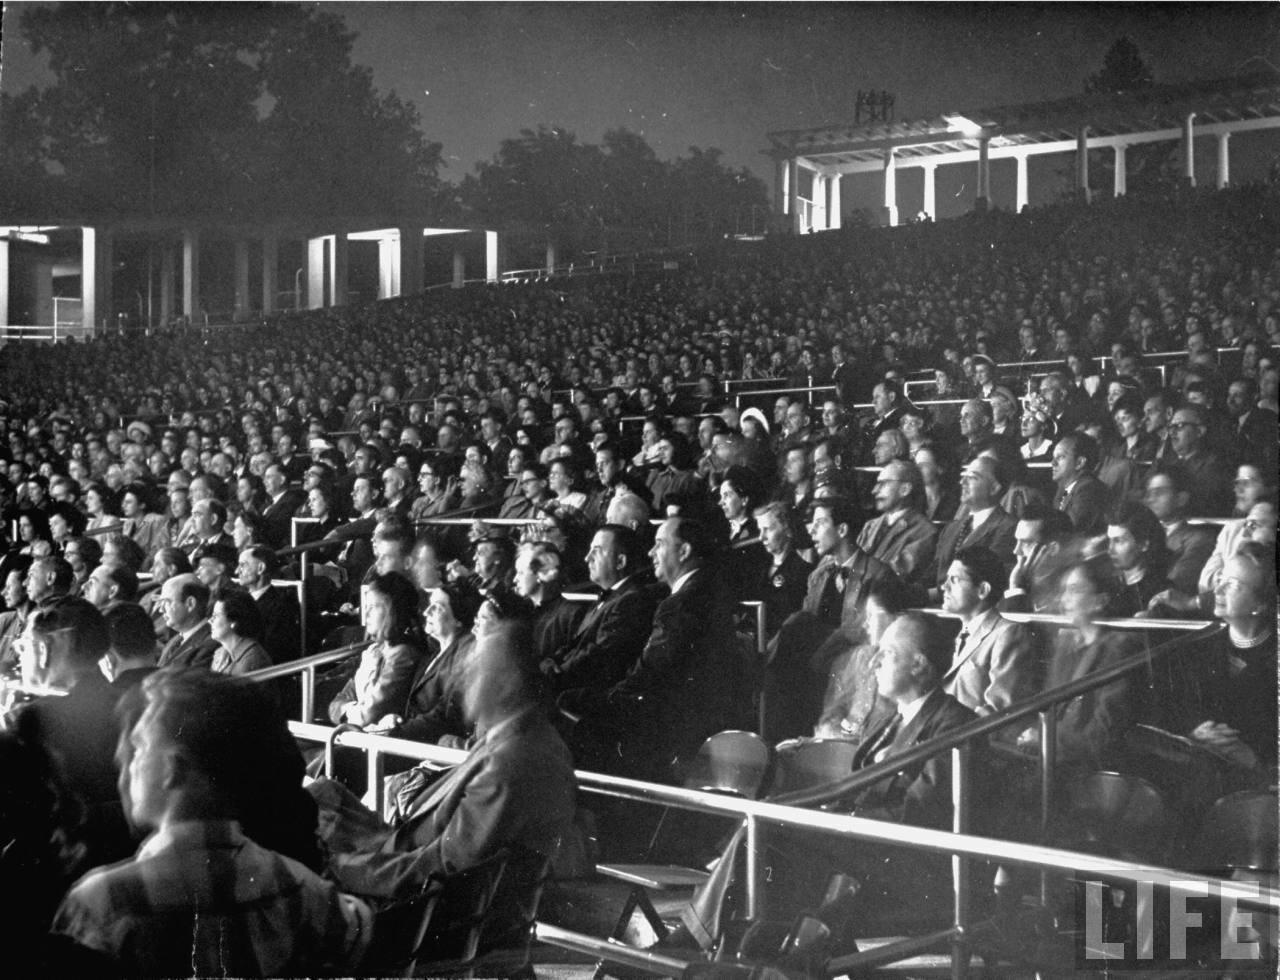 1948. Израильтяне празднуют окончание британского мандата